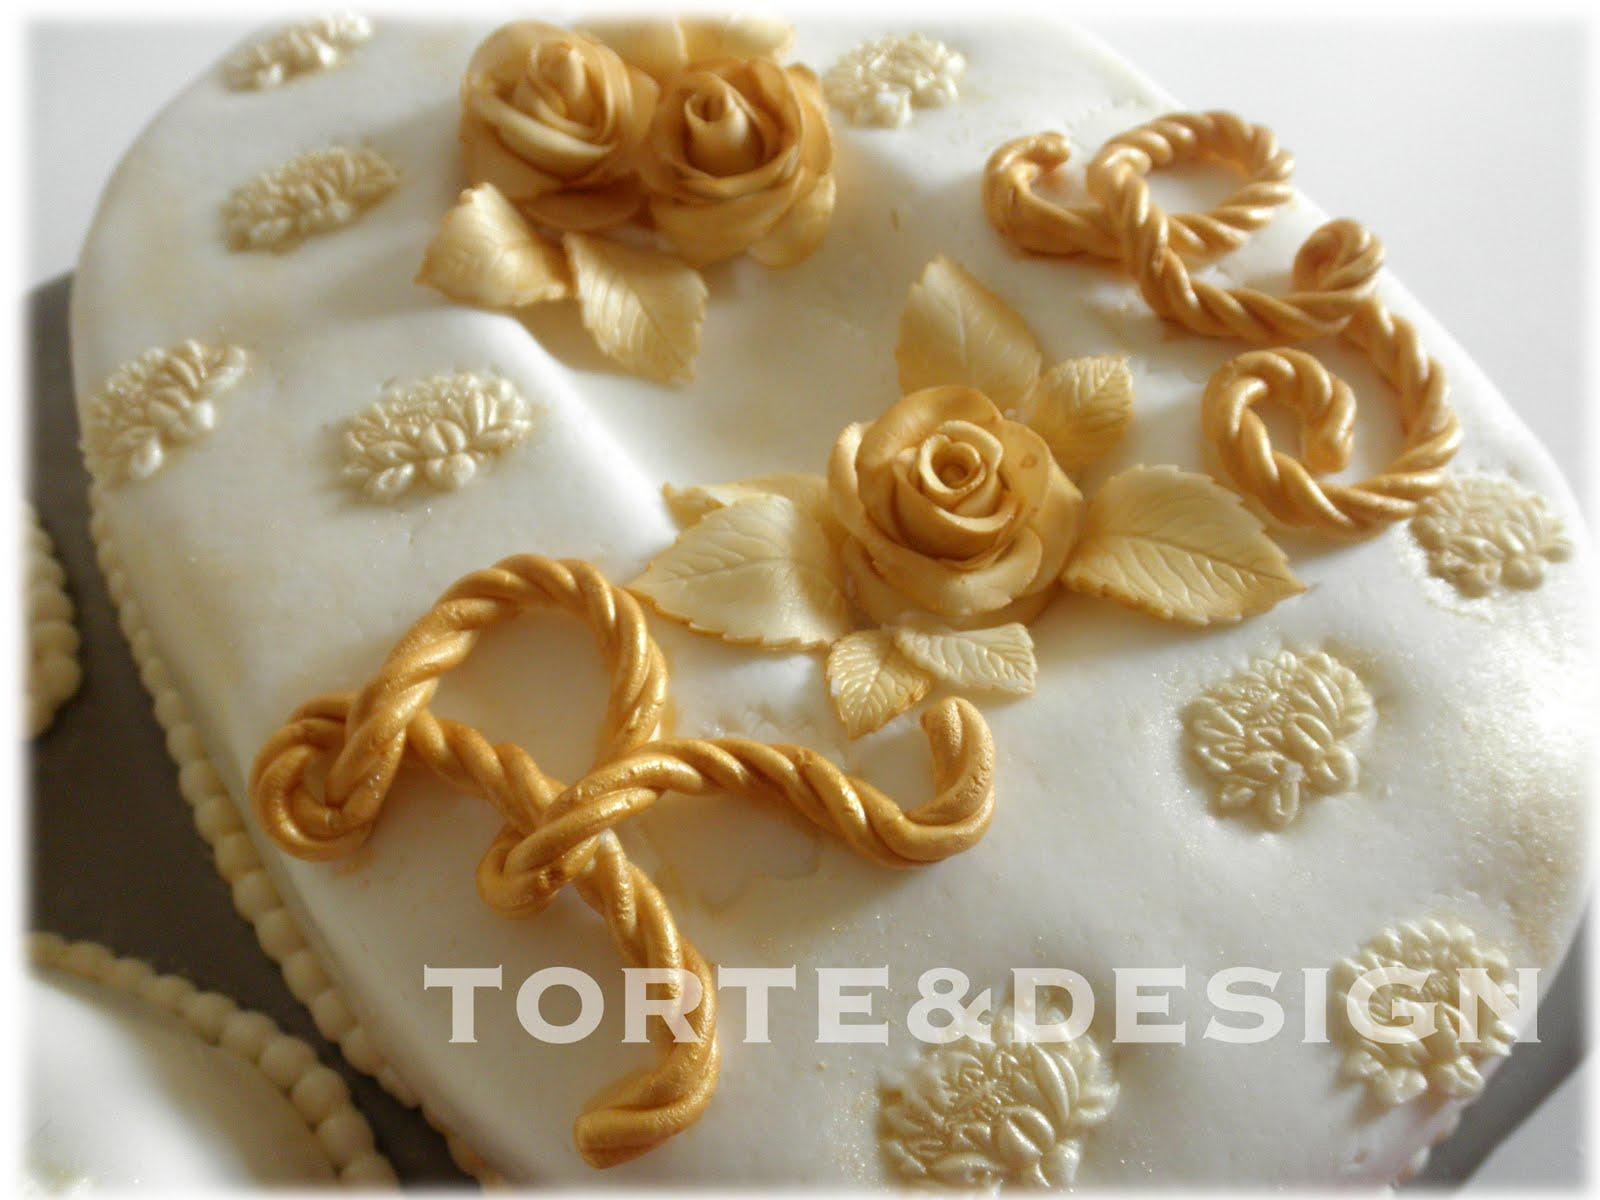 Torte design nozze d 39 oro for Decorazioni 50 anni di matrimonio